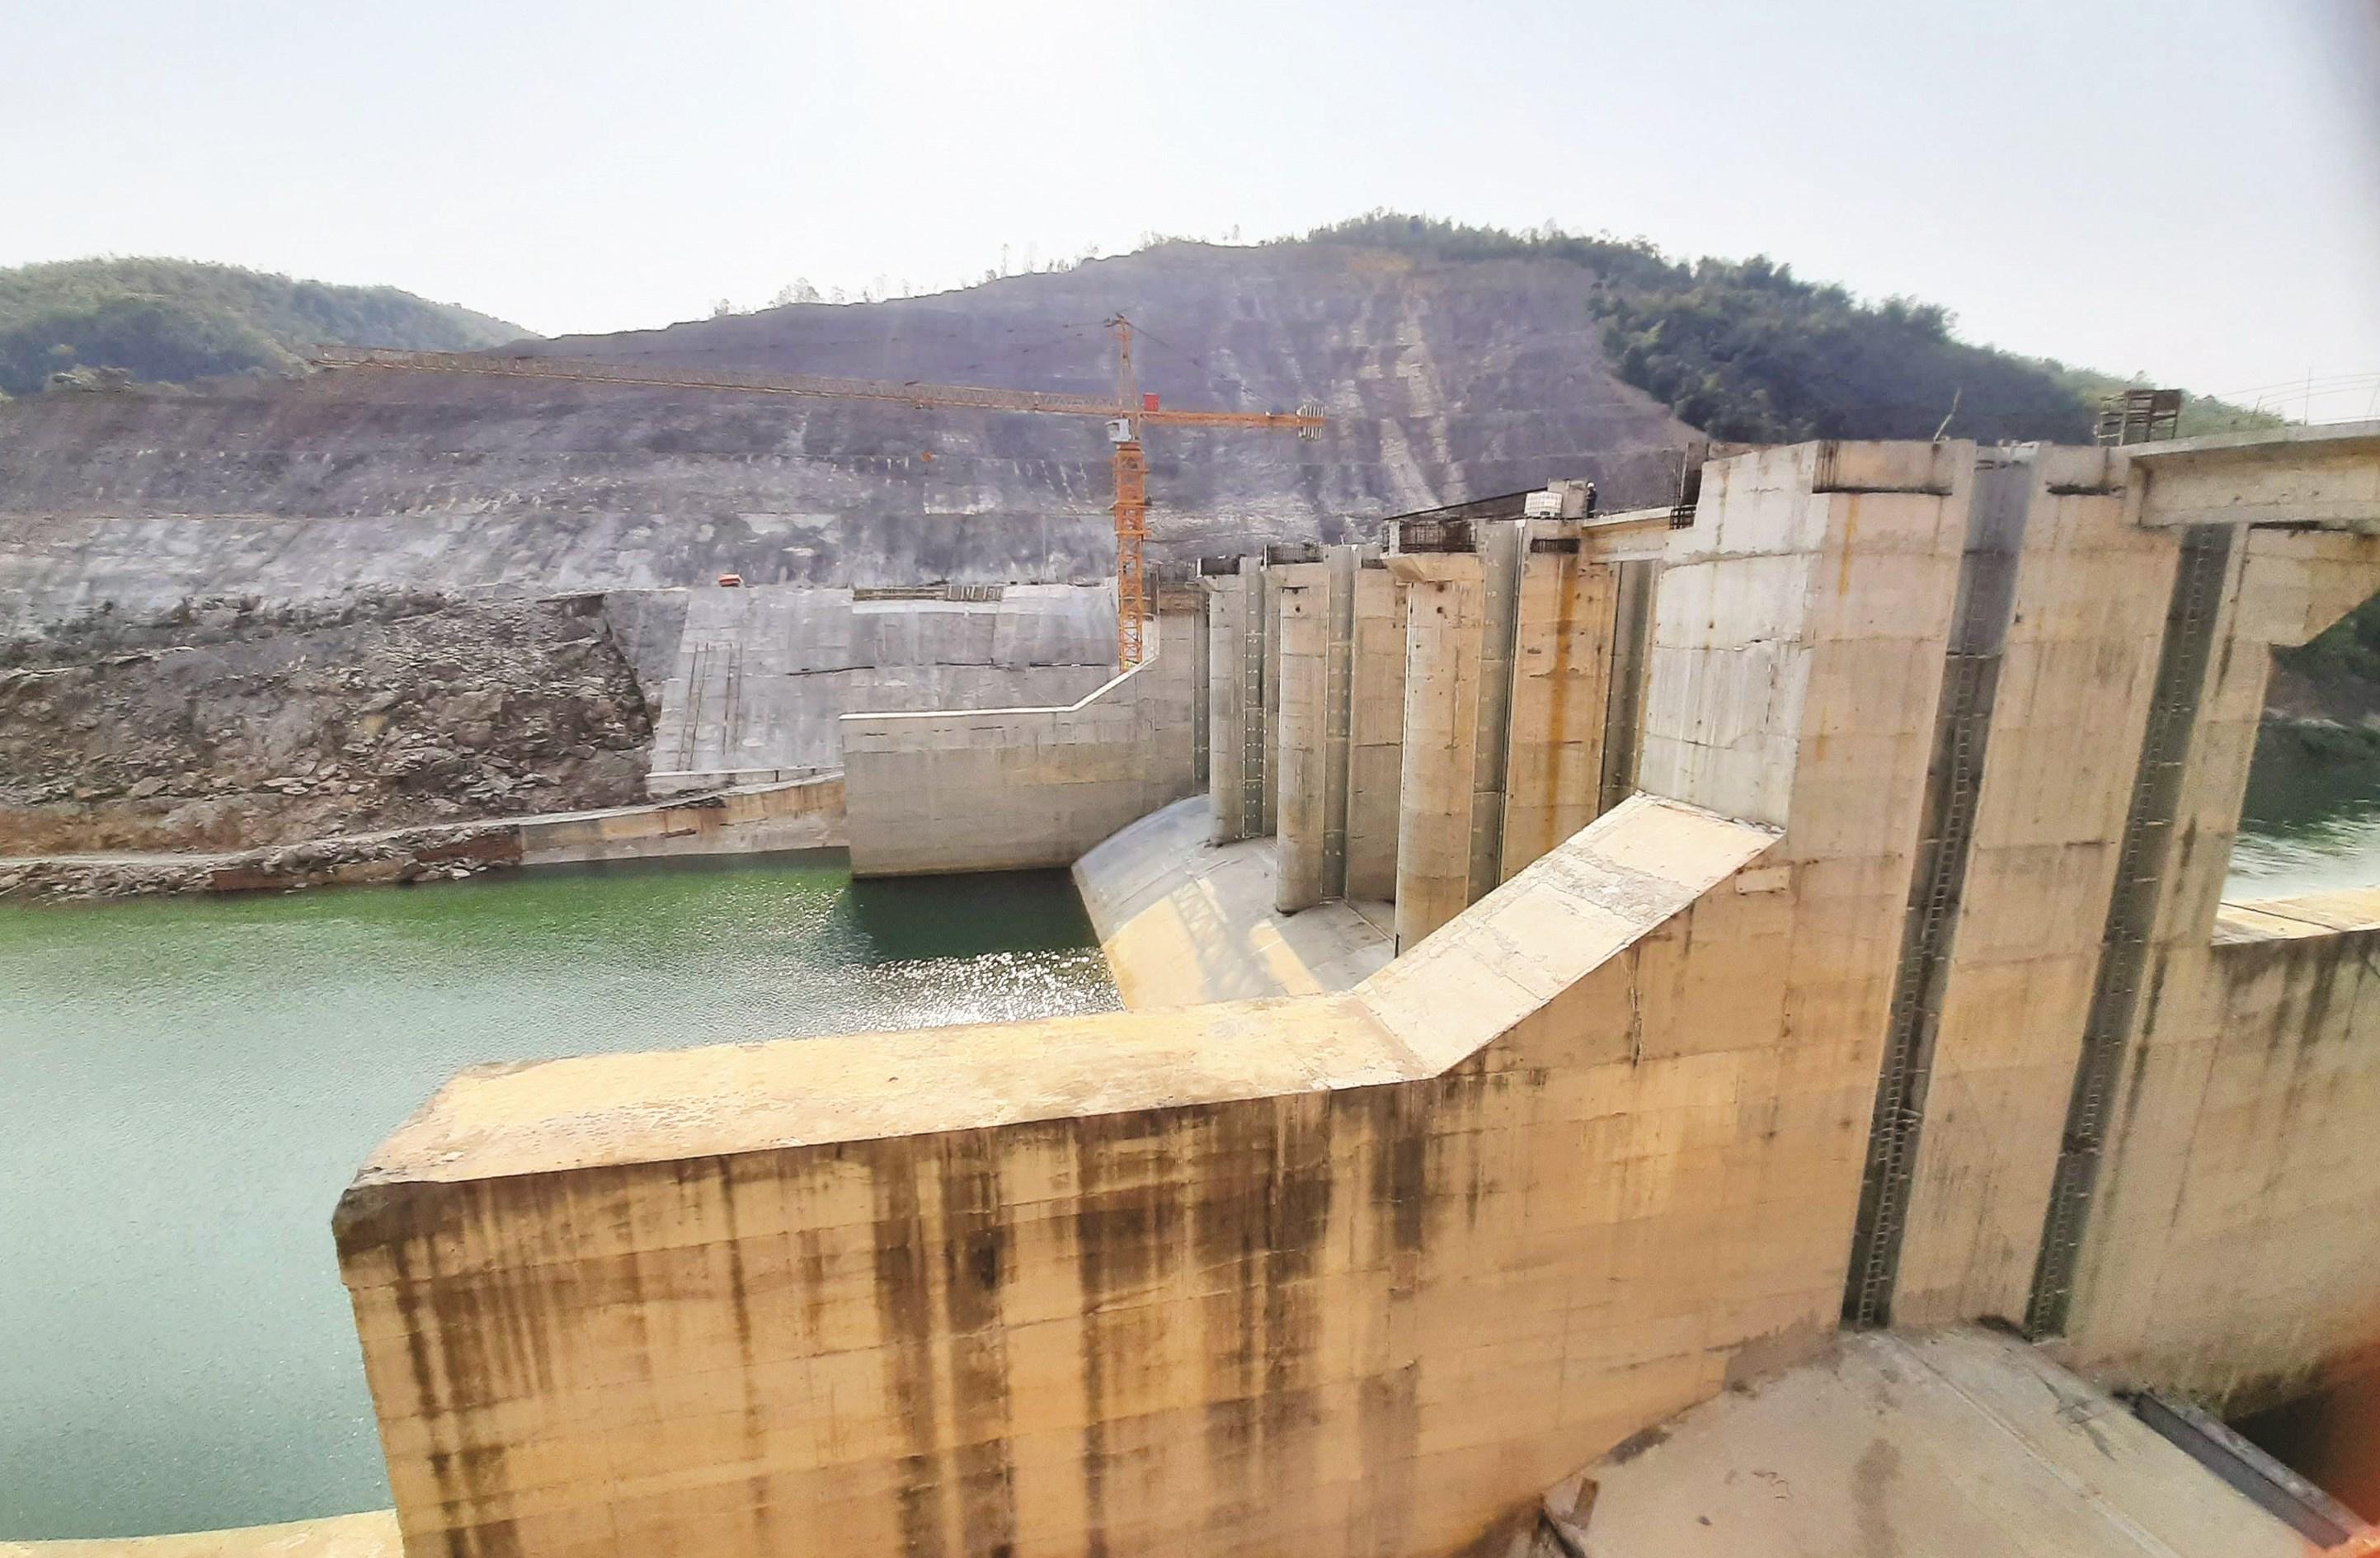 Thủy điện Hồi Xuân tại Quan Hóa là một trong những dự án ở các huyện miền núi vẫn chưa phát huy hiệu quả sau nhiều năm chậm tiến độ